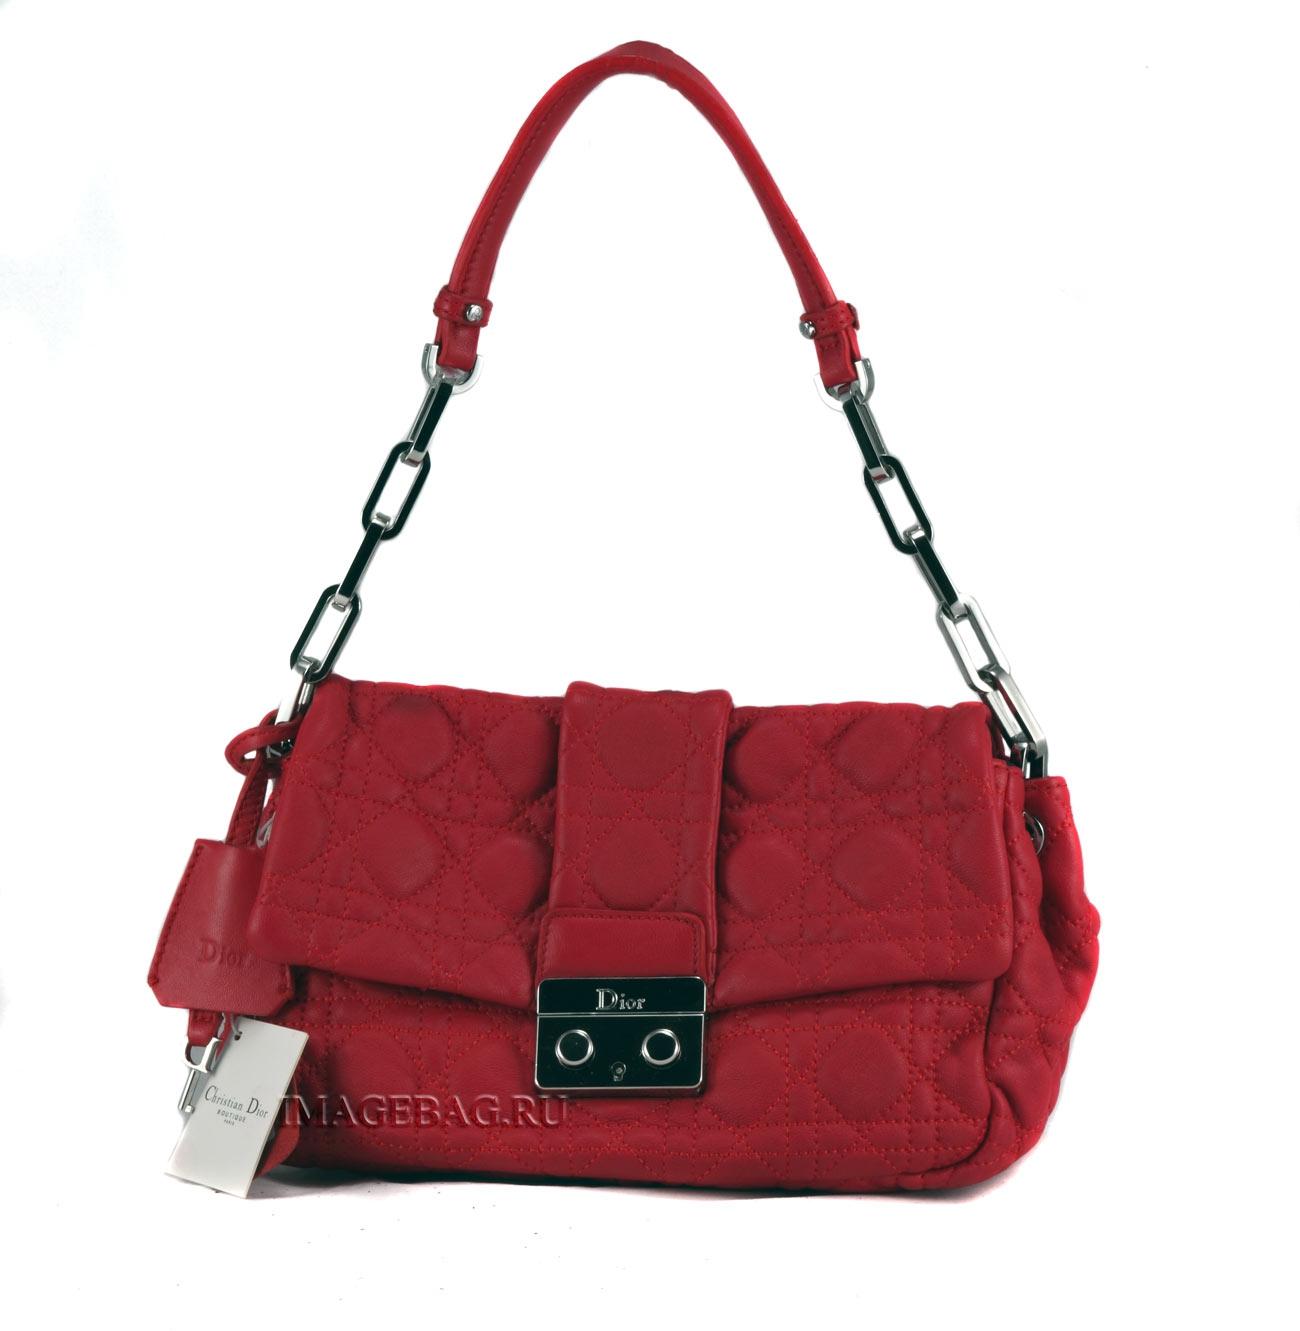 96dd93a2ec53 Сумка женская Christian Dior 2802 купить по супер цене 3 990 руб. в ...